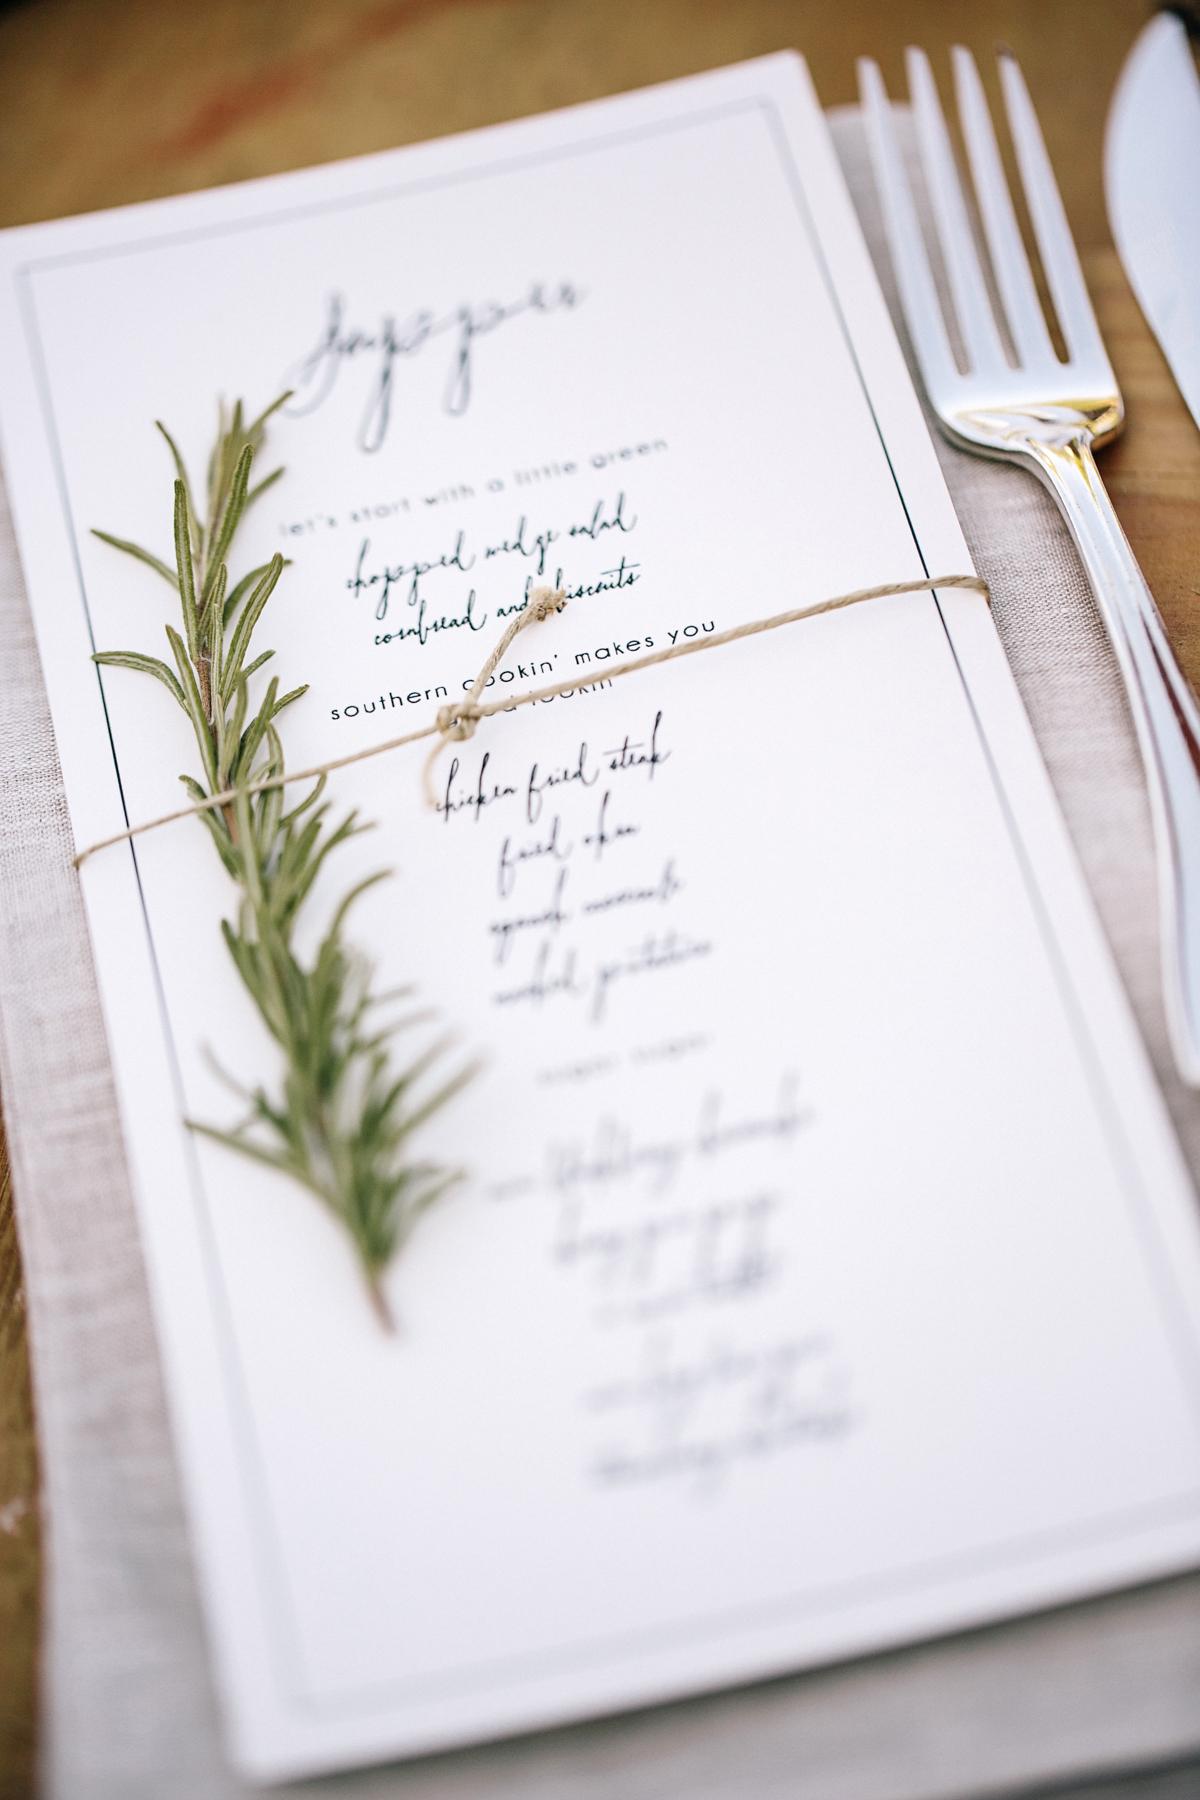 Creative and Unique Wedding Reception Menu Designs - Inside Weddings